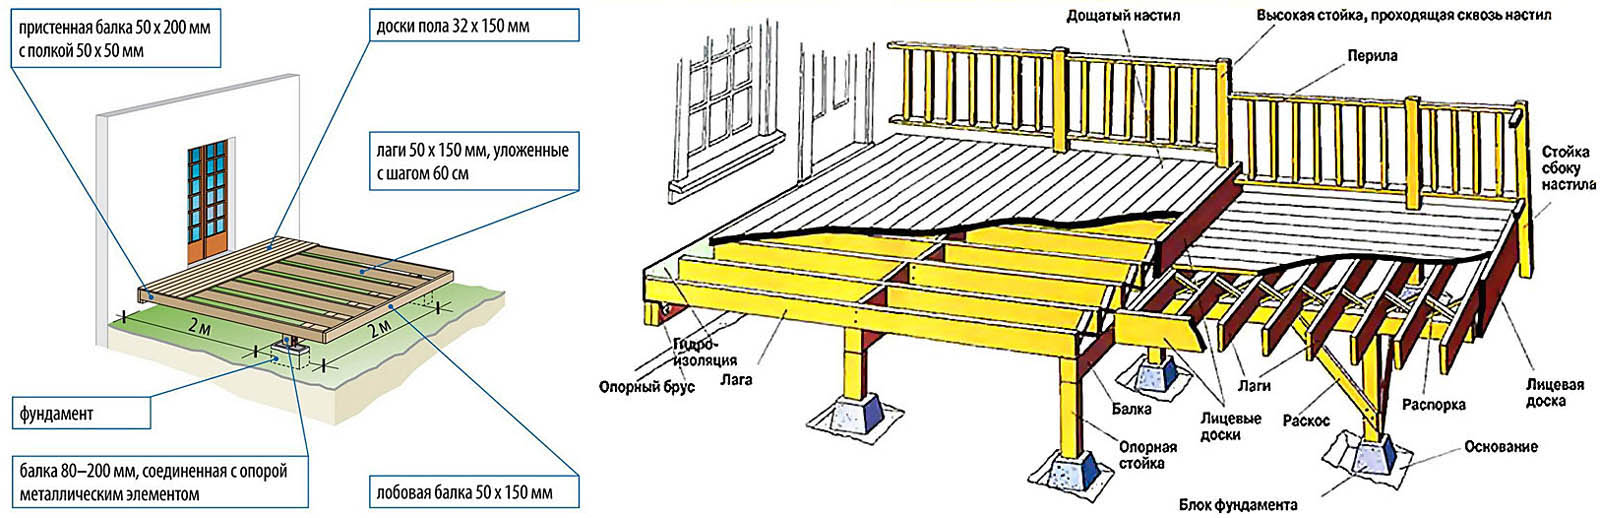 Конструкции террас для обозрения